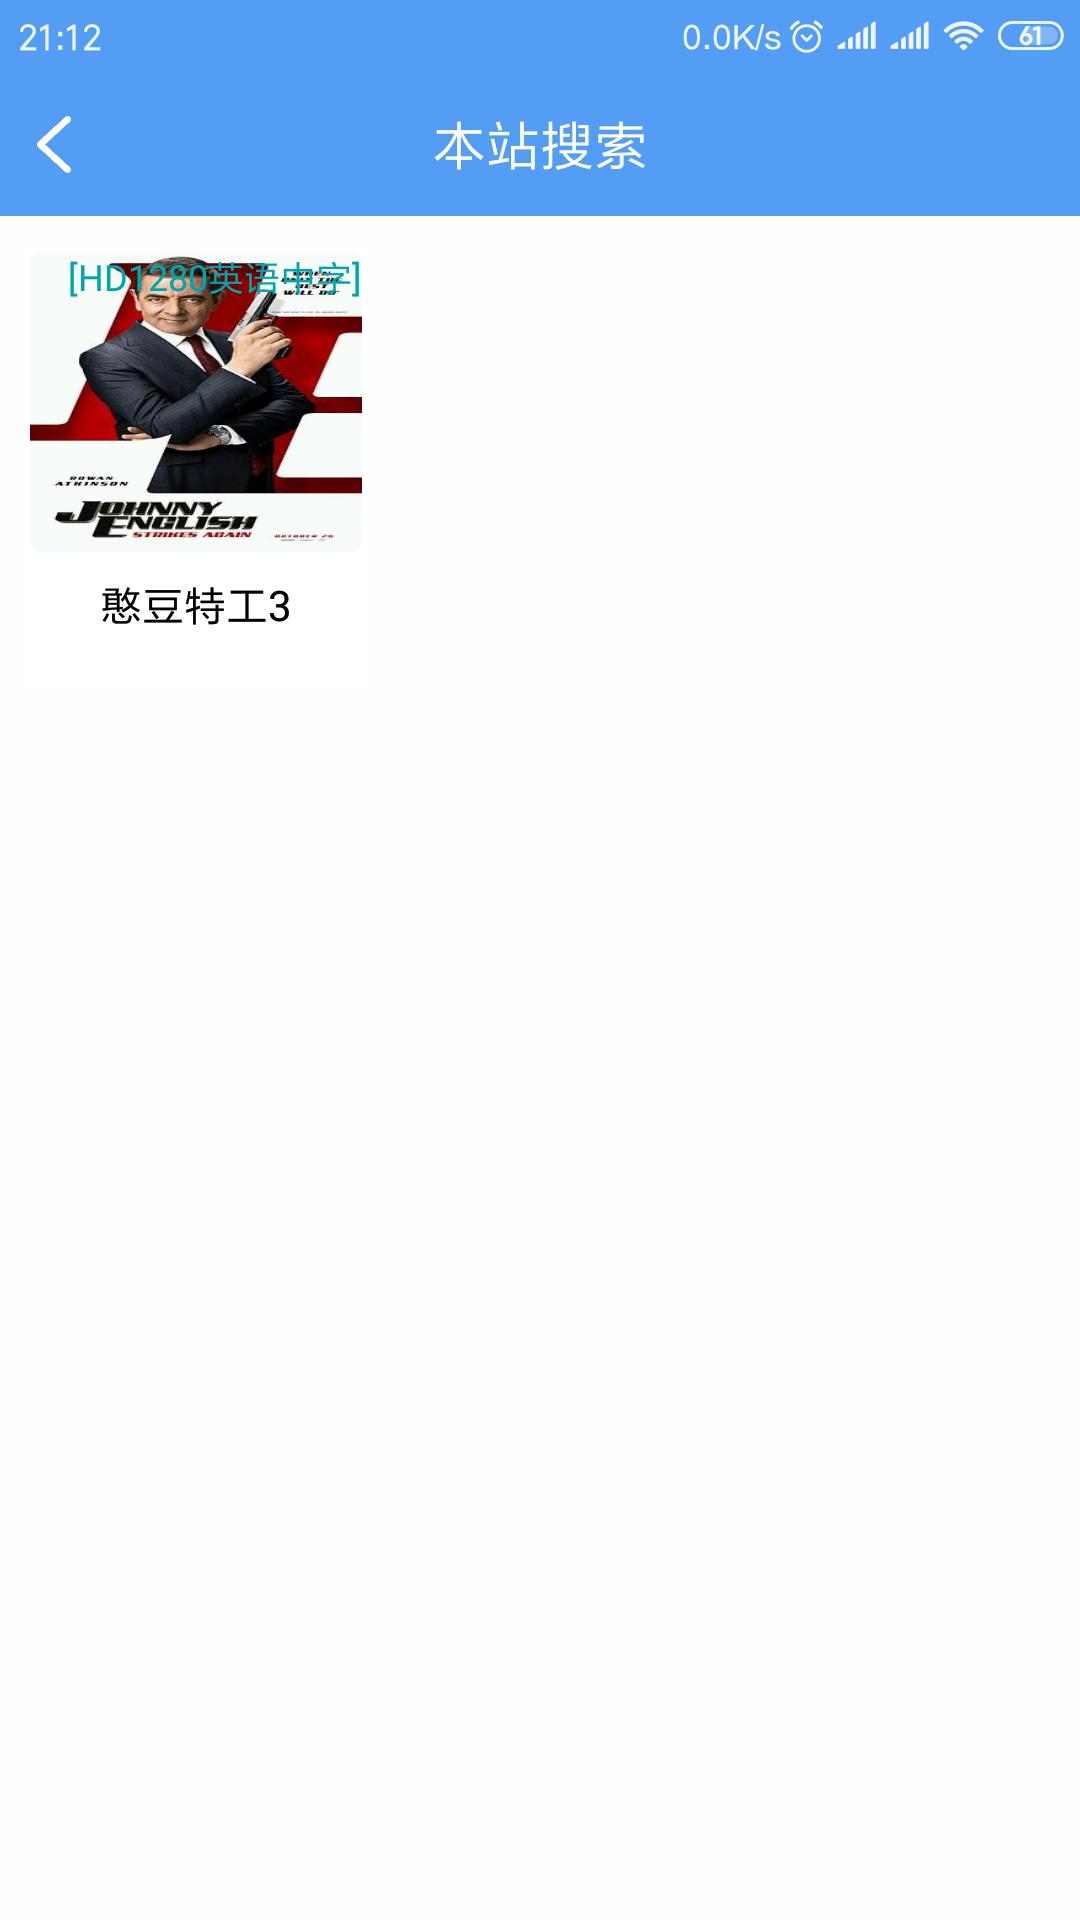 安卓 端木视频VIP1080P影视资源免费欣赏还有韩国美女福利直播视频哦